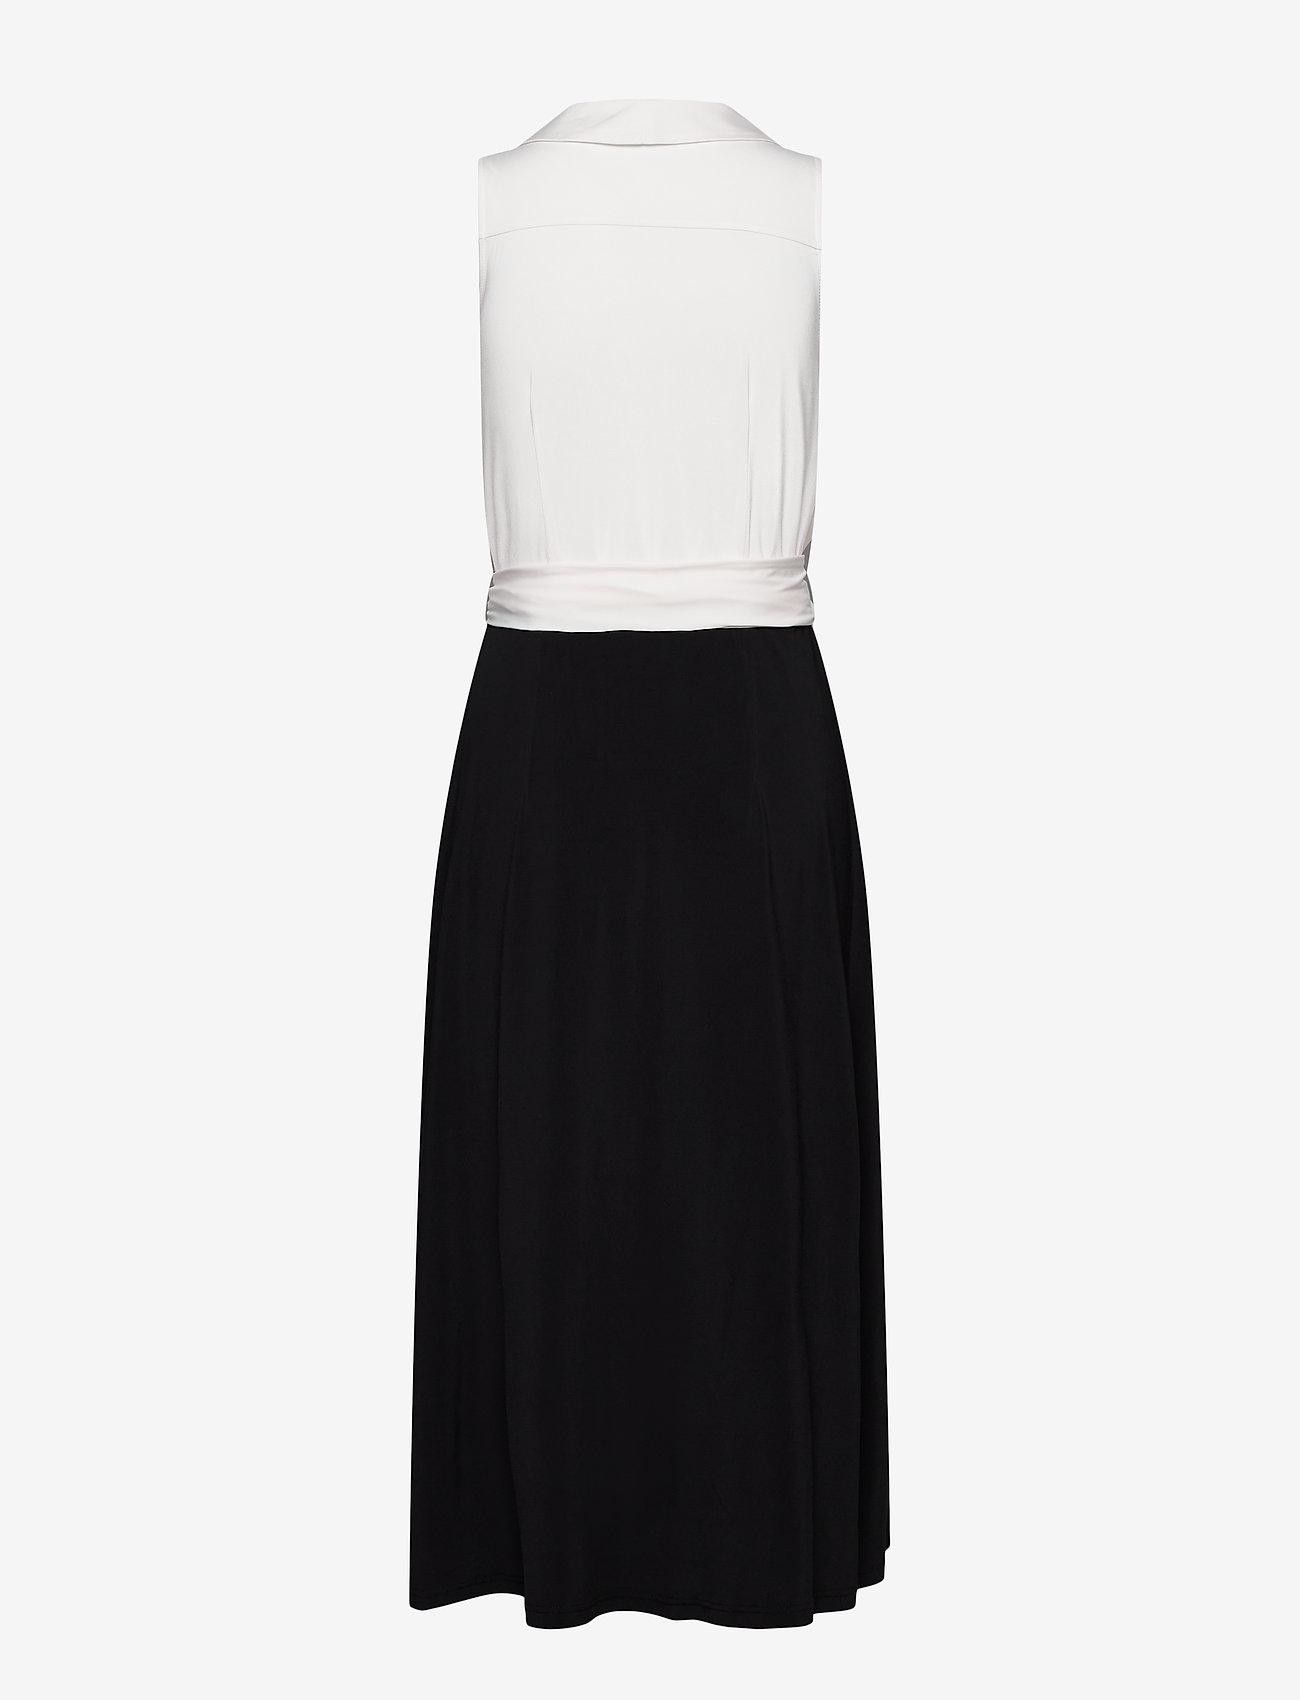 Ilse Jacobsen - Dress - cocktailkjoler - white sugar and black - 1